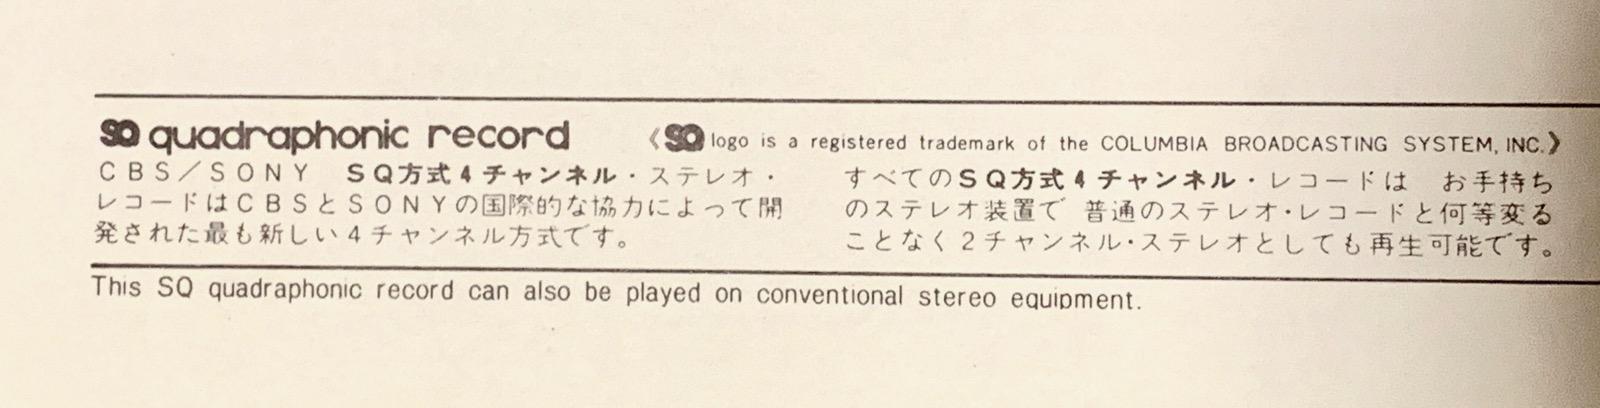 レコードの説明